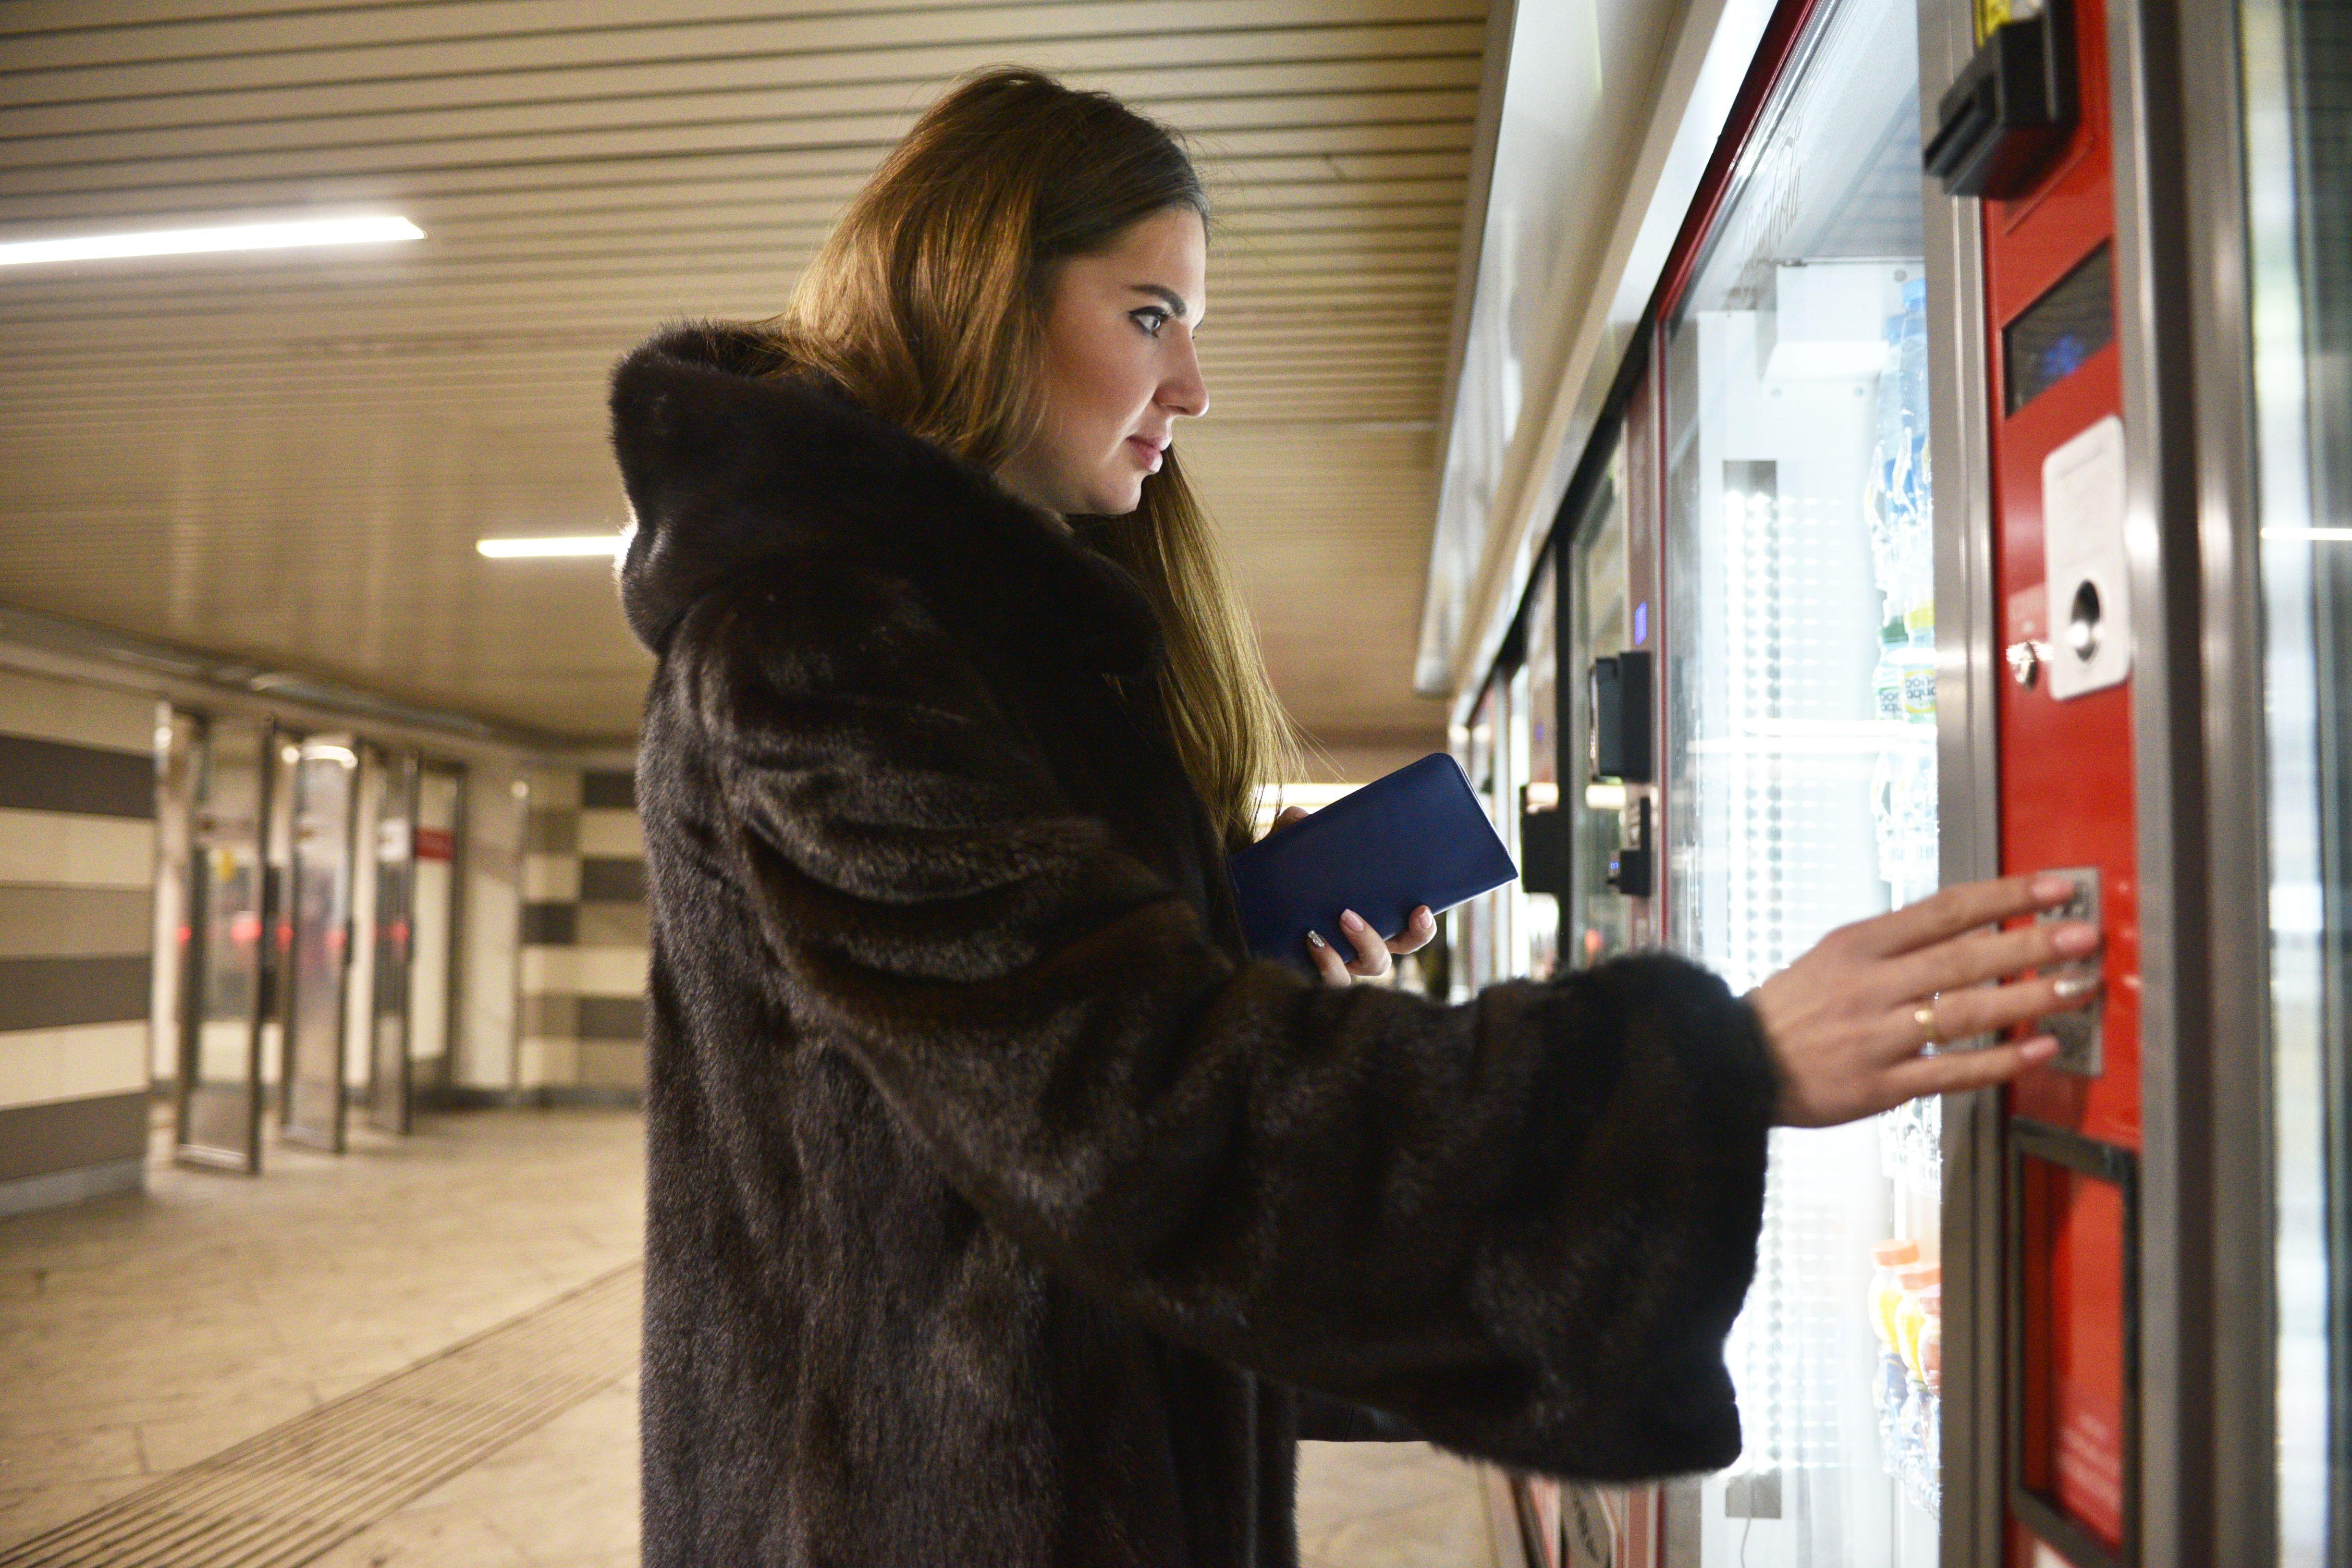 Подарочная монета «Рожденный в СССР» стала самым популярным сувениром в автоматах метро